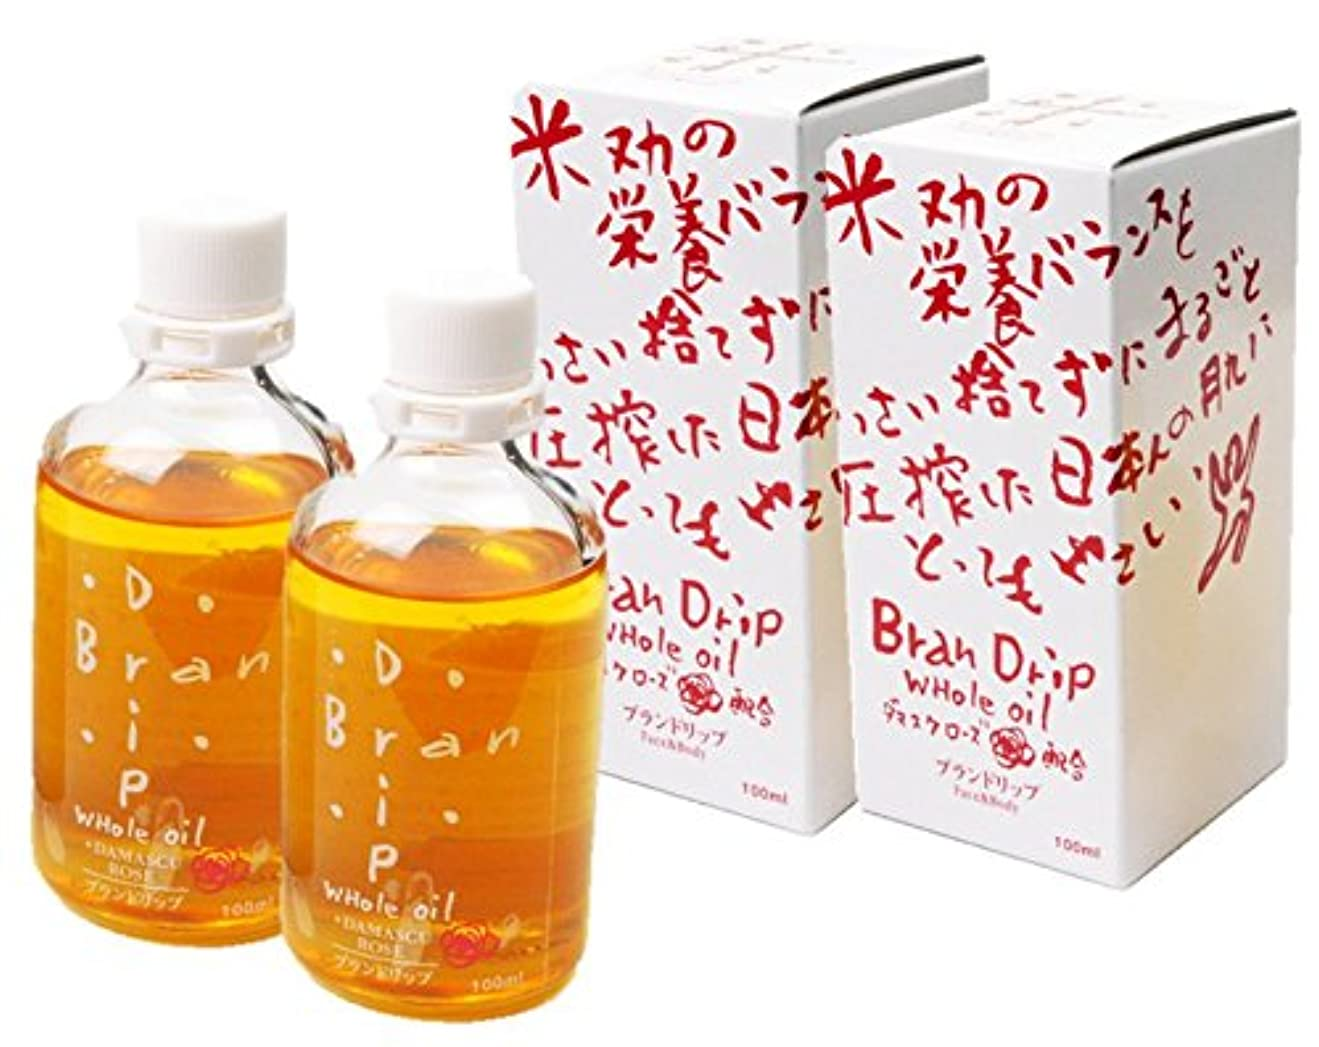 水没契約する湿原【2本セット】 ブランドリップ BranDrip 食べても安心、米ぬかホールスキンオイル